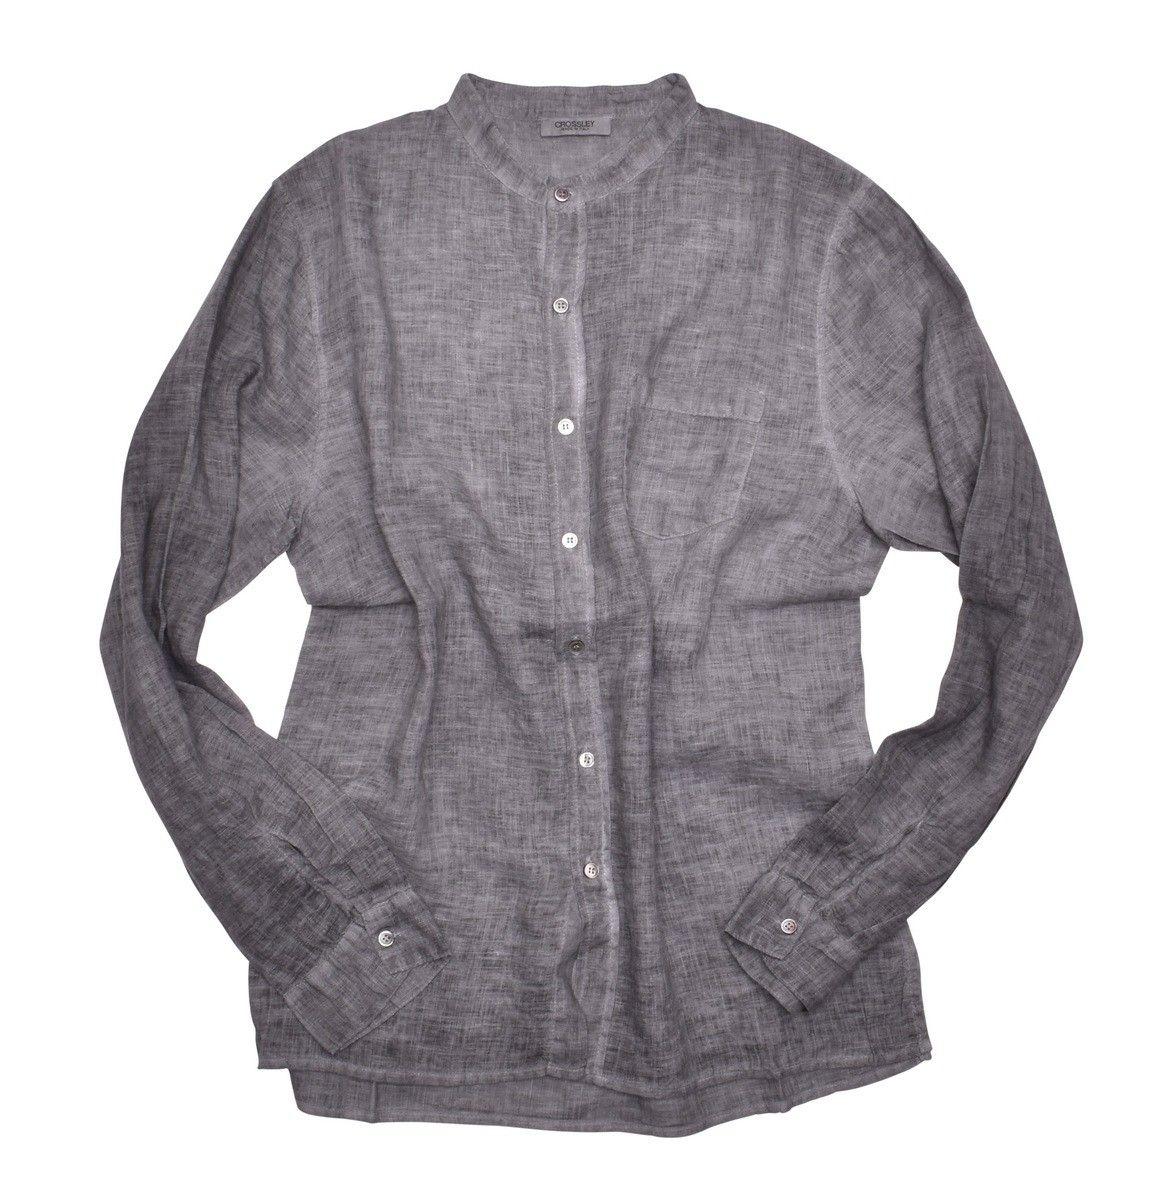 CROSSLEY - Herren Hemd - Mens LS Shirt - grey -